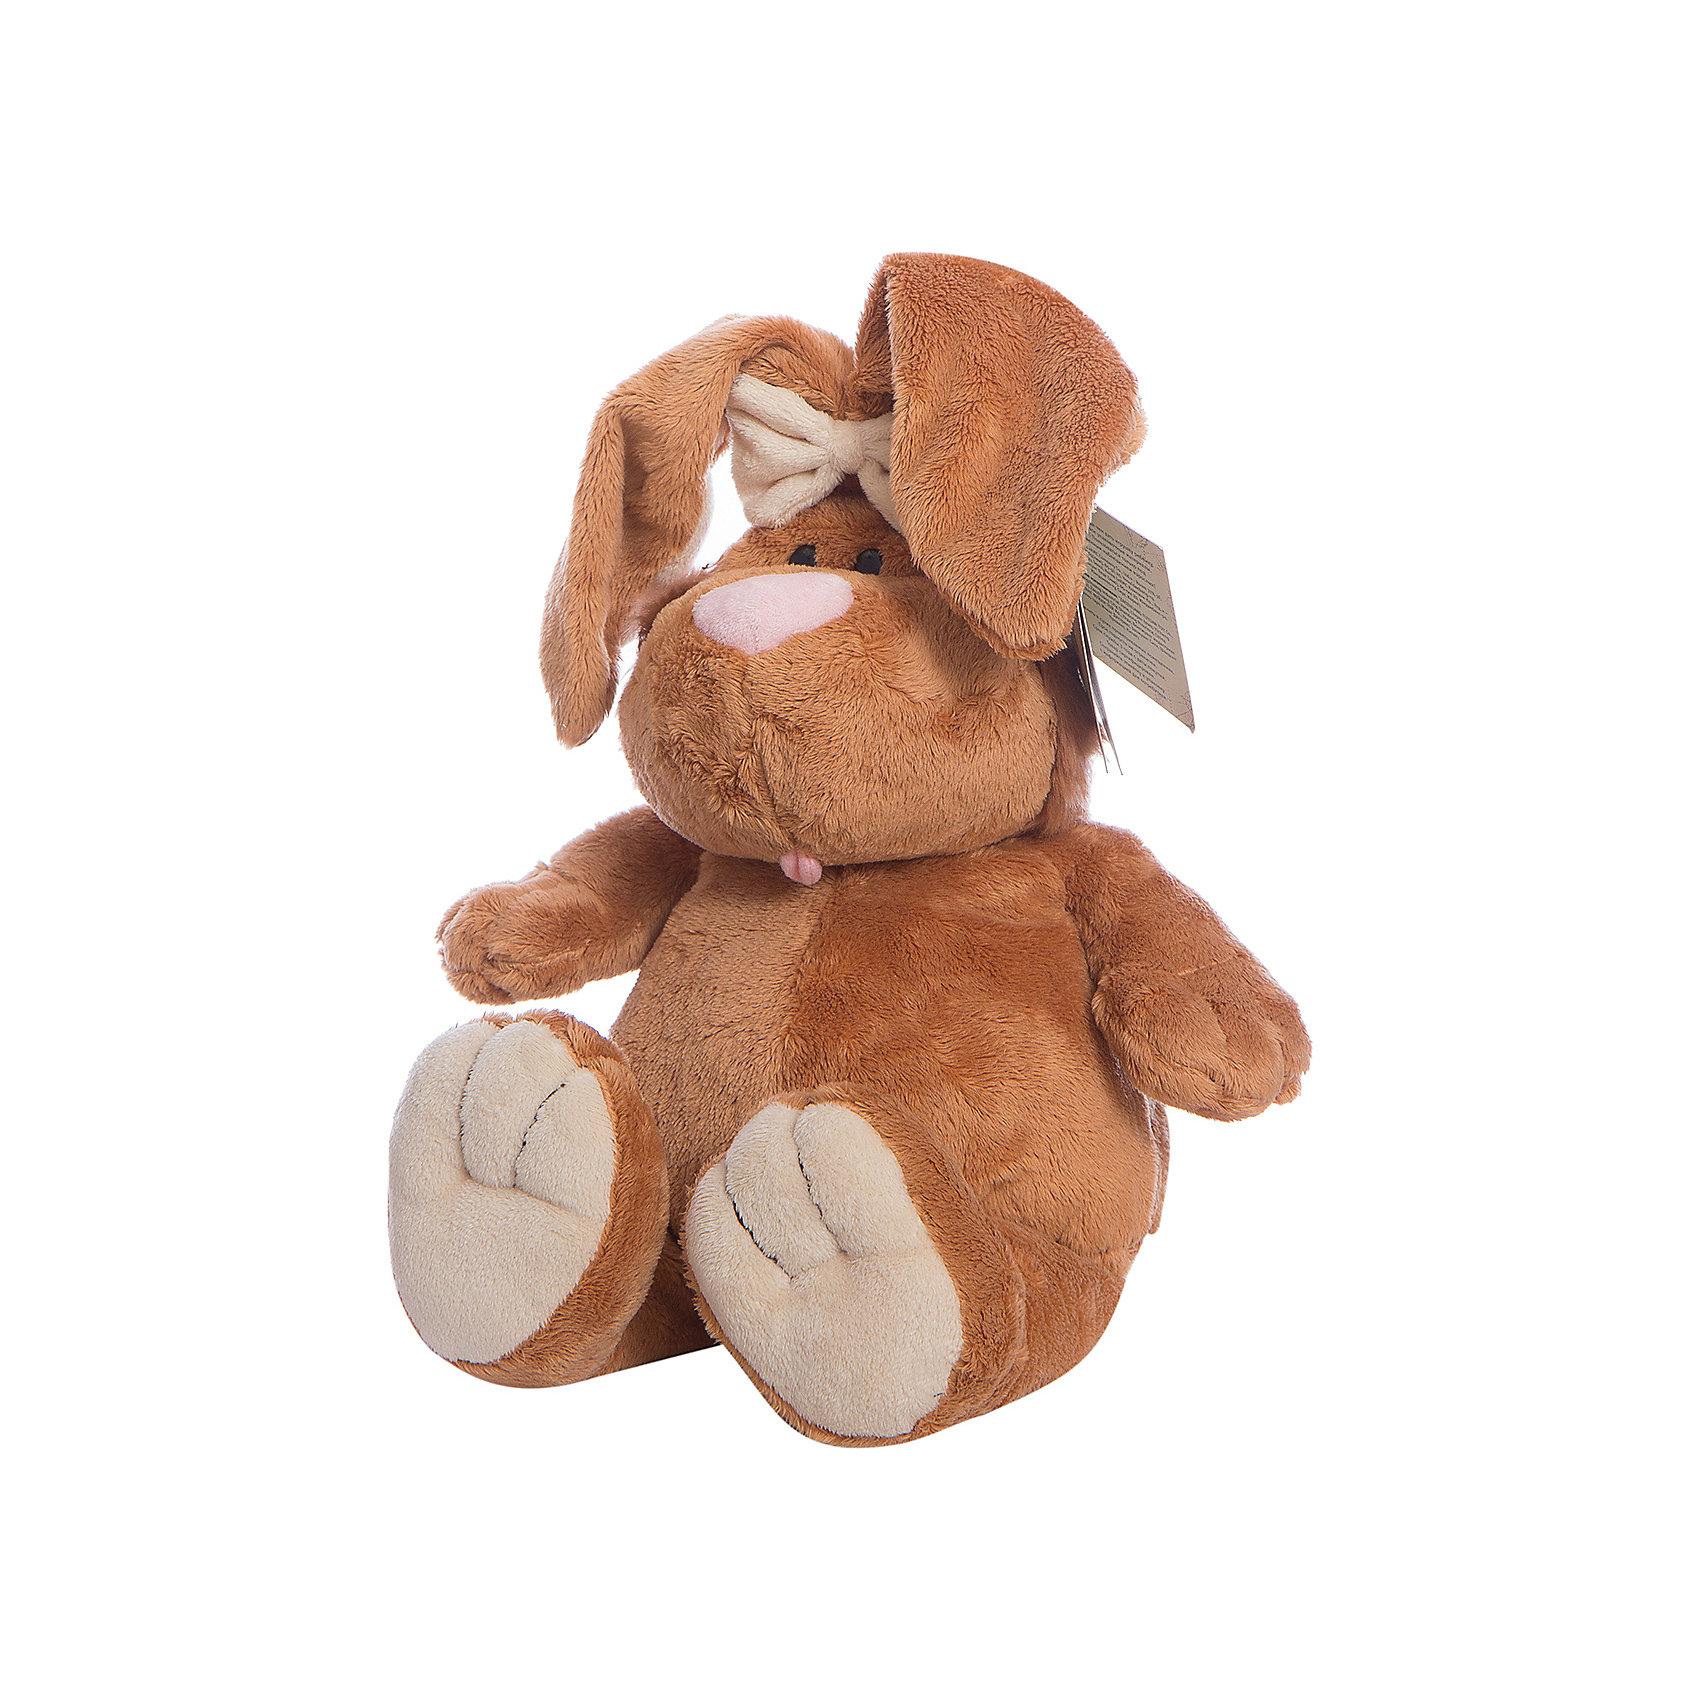 Gulliver Кролик, 40смЗайцы и кролики<br>Gulliver Кролик, 40см<br><br>Характеристики игрушки:<br>- Состав: текстиль, плюш, пластик<br>- Размер: 40 см. <br><br>Кролик, 40см от популярного бренда мягких игрушек Gulliver (Гулливер) станет отличным другом малыша. Зайчик изготовлен из безопасных материалов, не содержит мелких деталей и подходит детям от трех лет. Мягкие оттенки коричневого добавят уюта, а большие пухлые лапки так и хотят обнять. Длинные пушистые ушки приятные и мягкие на ощупь. Кролик поможет развить воображение, навыки общения, моторику рук, а также тактильное и цветовое восприятие.   <br><br>Мягкую игрушку Кролик, 40см, Gulliver (Гулливер) можно купить в нашем интернет-магазине.<br>Подробнее:<br>• Для детей в возрасте: от 3 до 10 лет <br>• Номер товара: 2148688<br>Страна производитель: Россия<br><br>Ширина мм: 150<br>Глубина мм: 150<br>Высота мм: 400<br>Вес г: 100<br>Возраст от месяцев: 36<br>Возраст до месяцев: 84<br>Пол: Унисекс<br>Возраст: Детский<br>SKU: 2148688